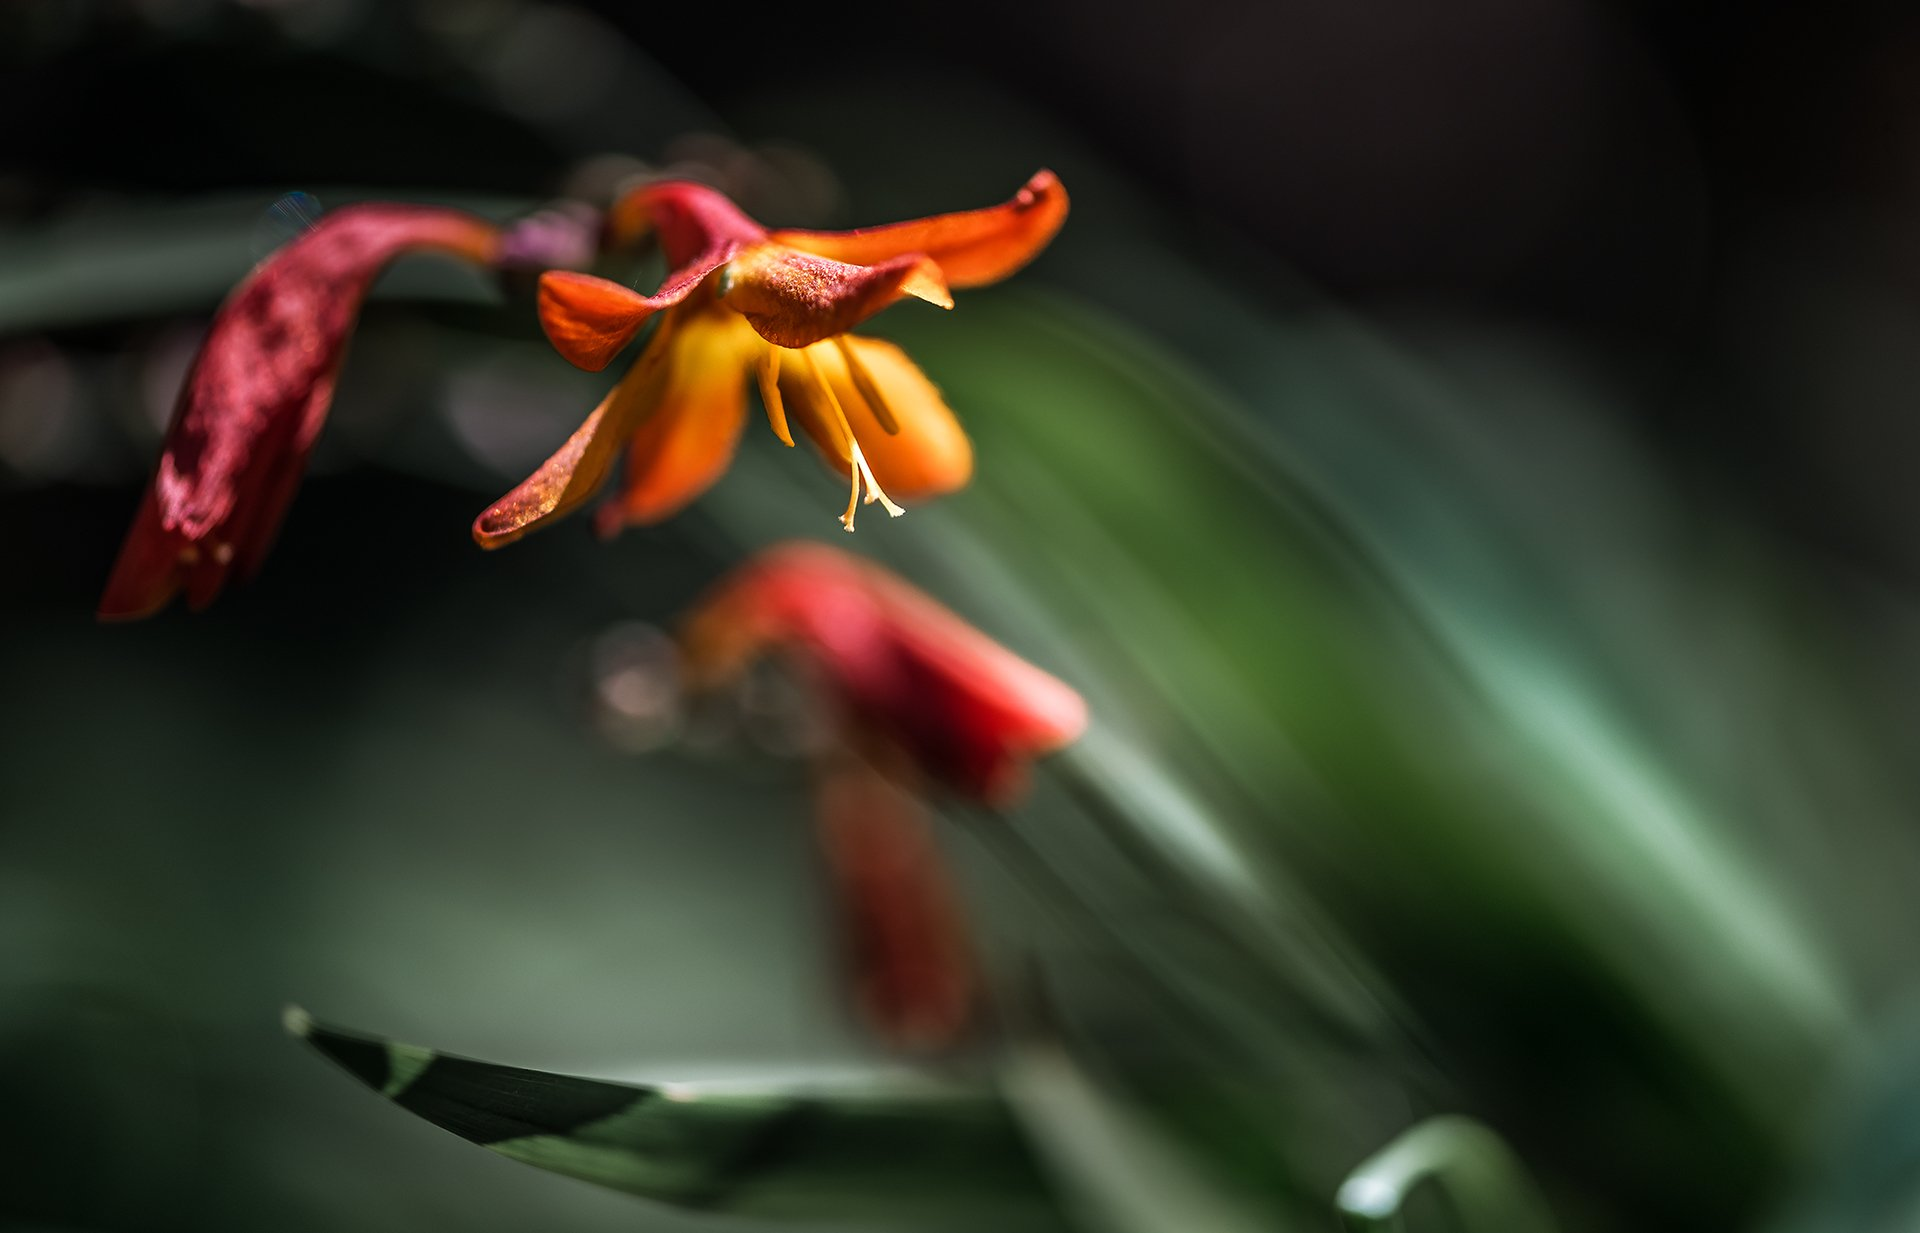 природа, макро, цветы, монтбреция, красный, черный, зеленый, Неля Рачкова